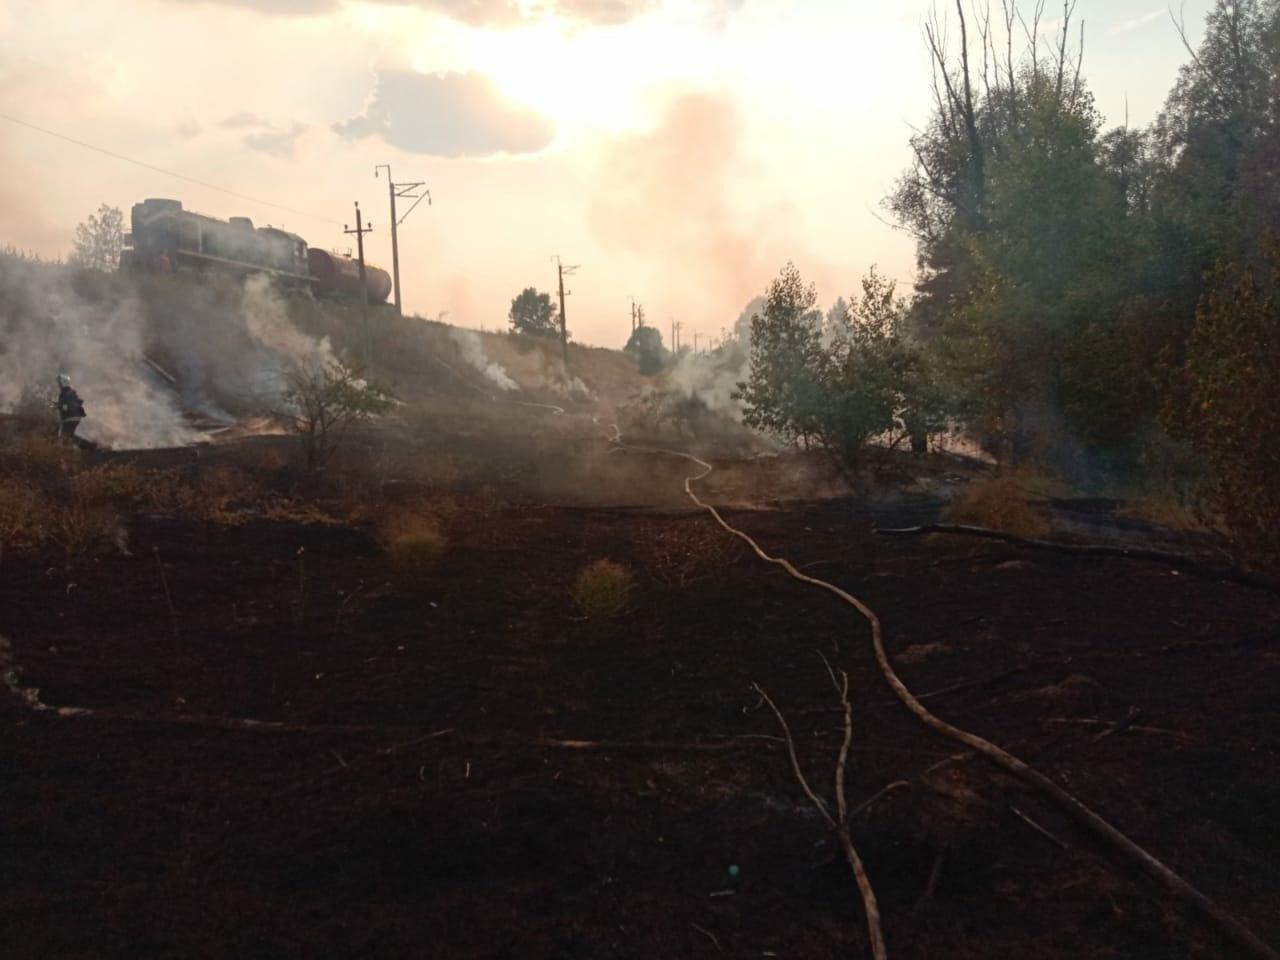 Пожарные тушили горящий лес вблизи Тольятти